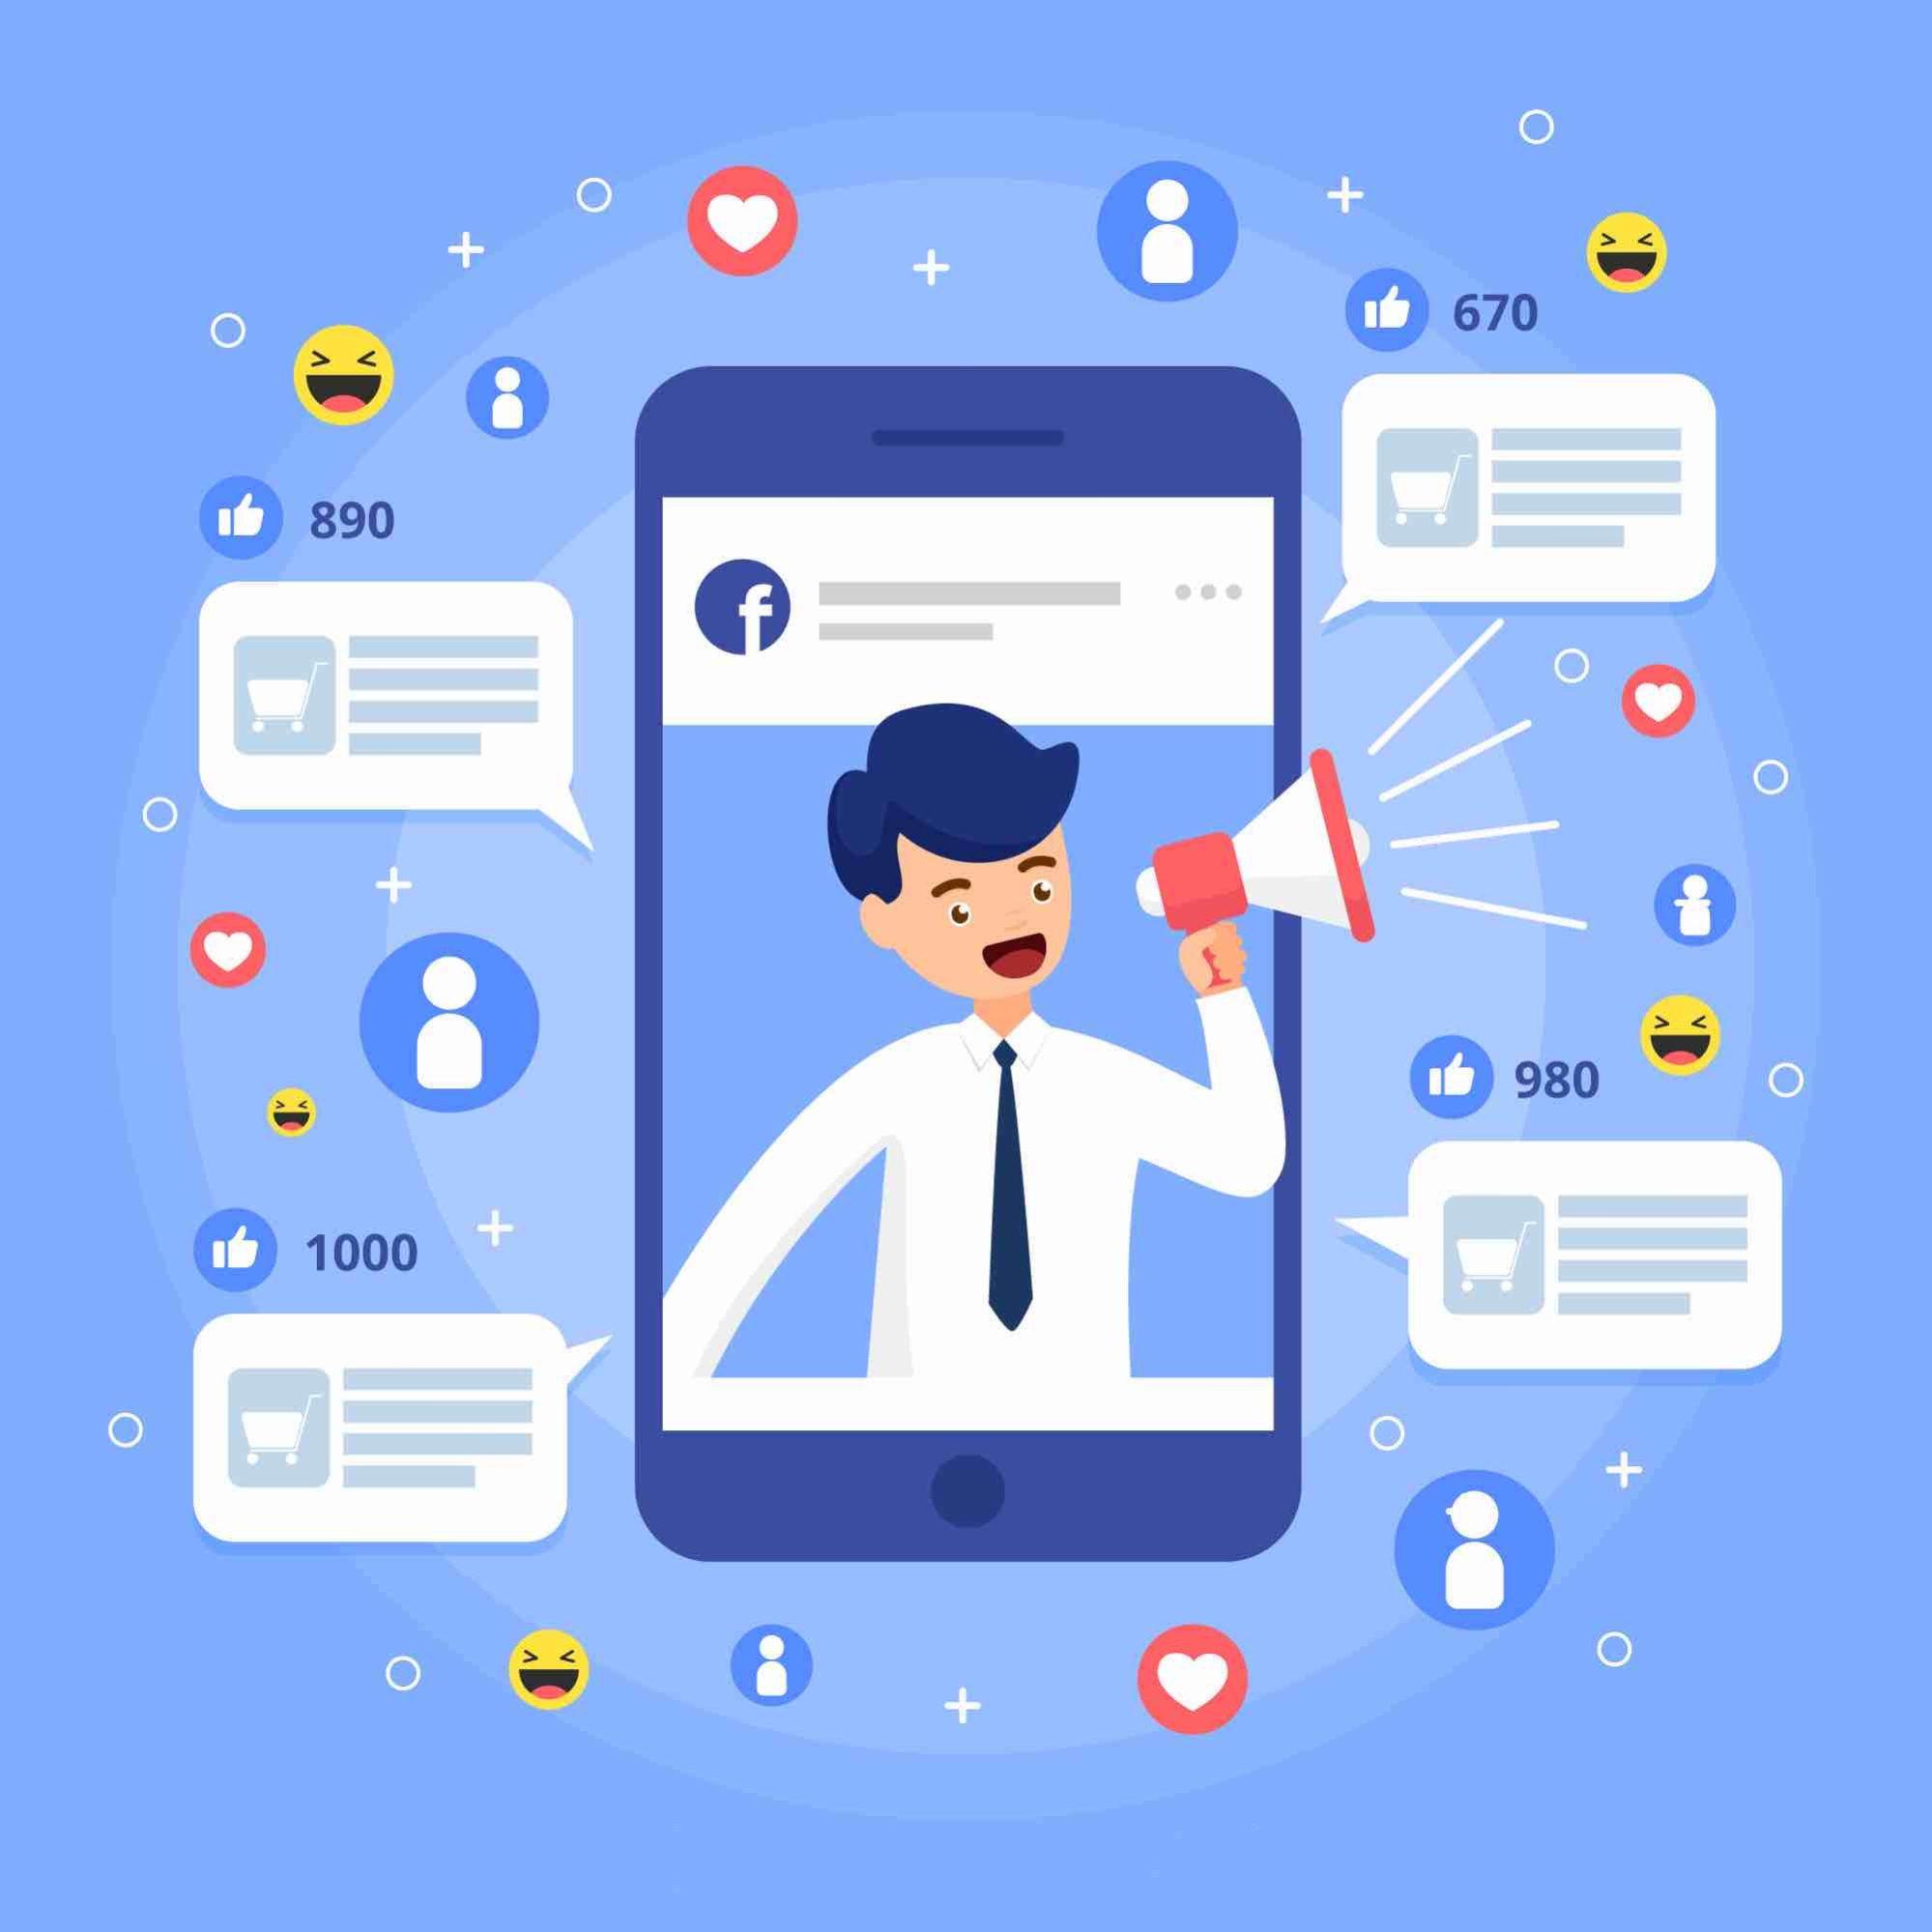 social media marketing services in mumbai by social media agency india